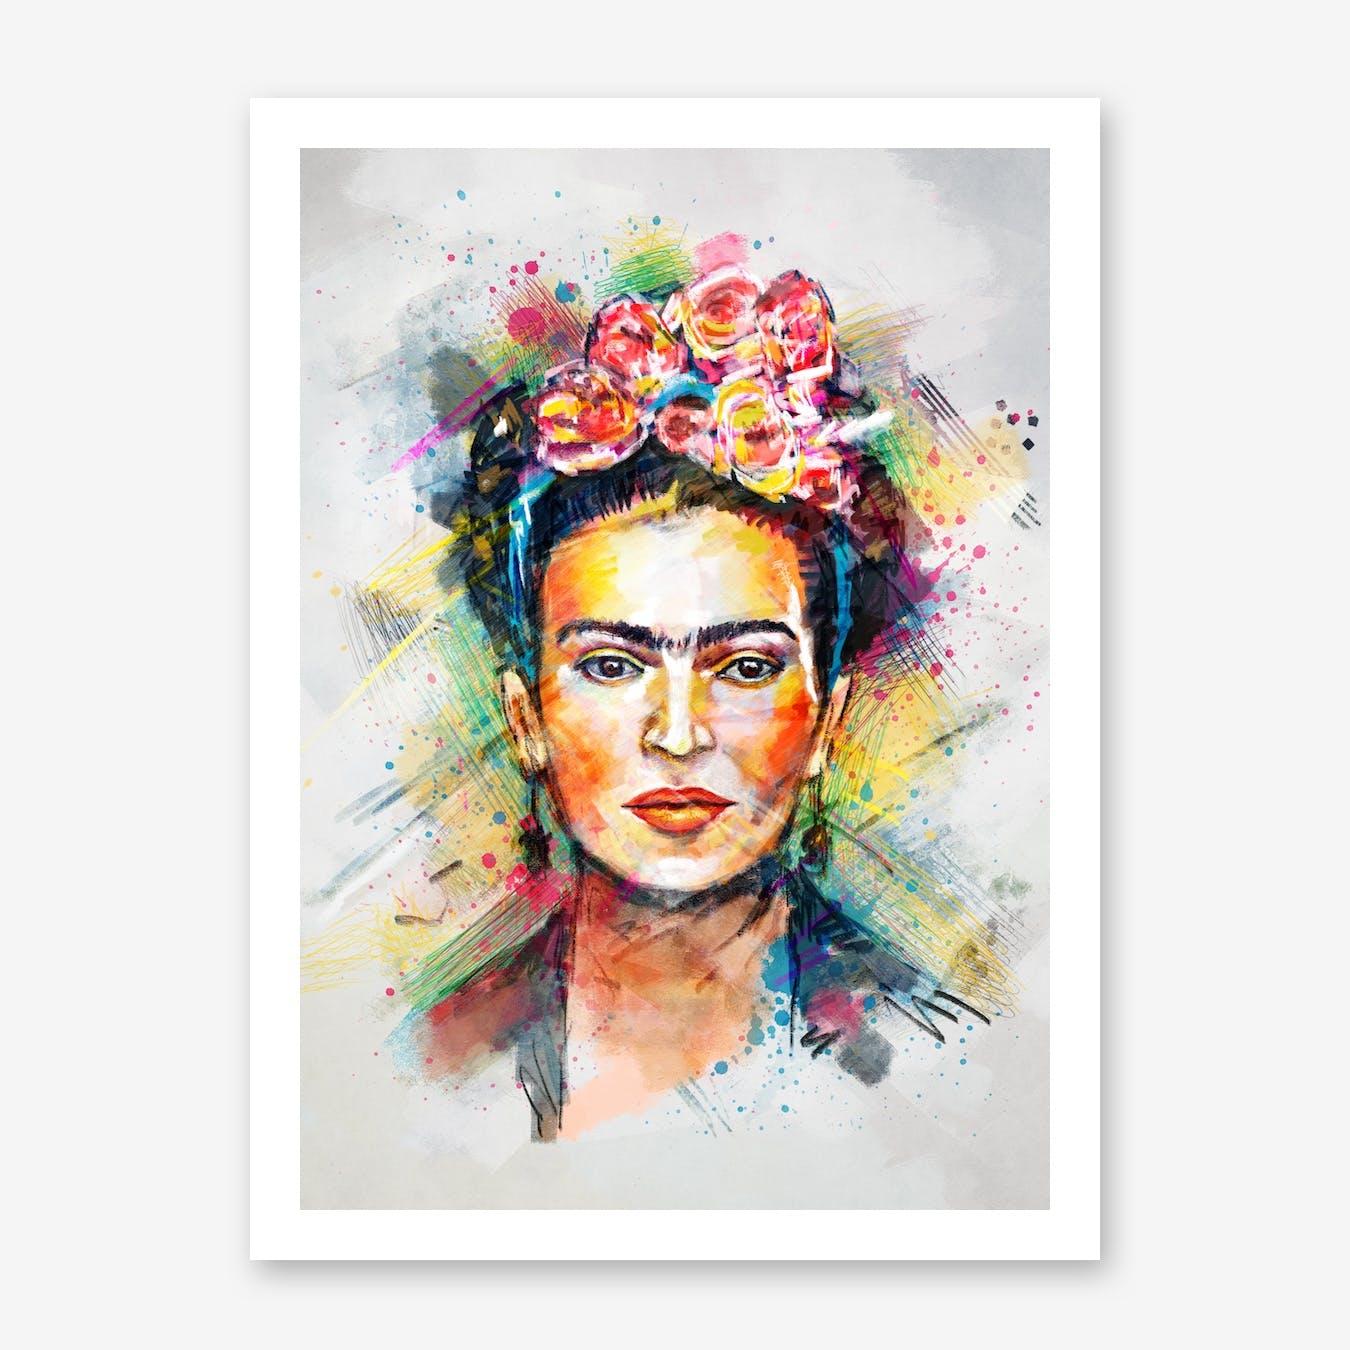 Frida Kahlo in Print